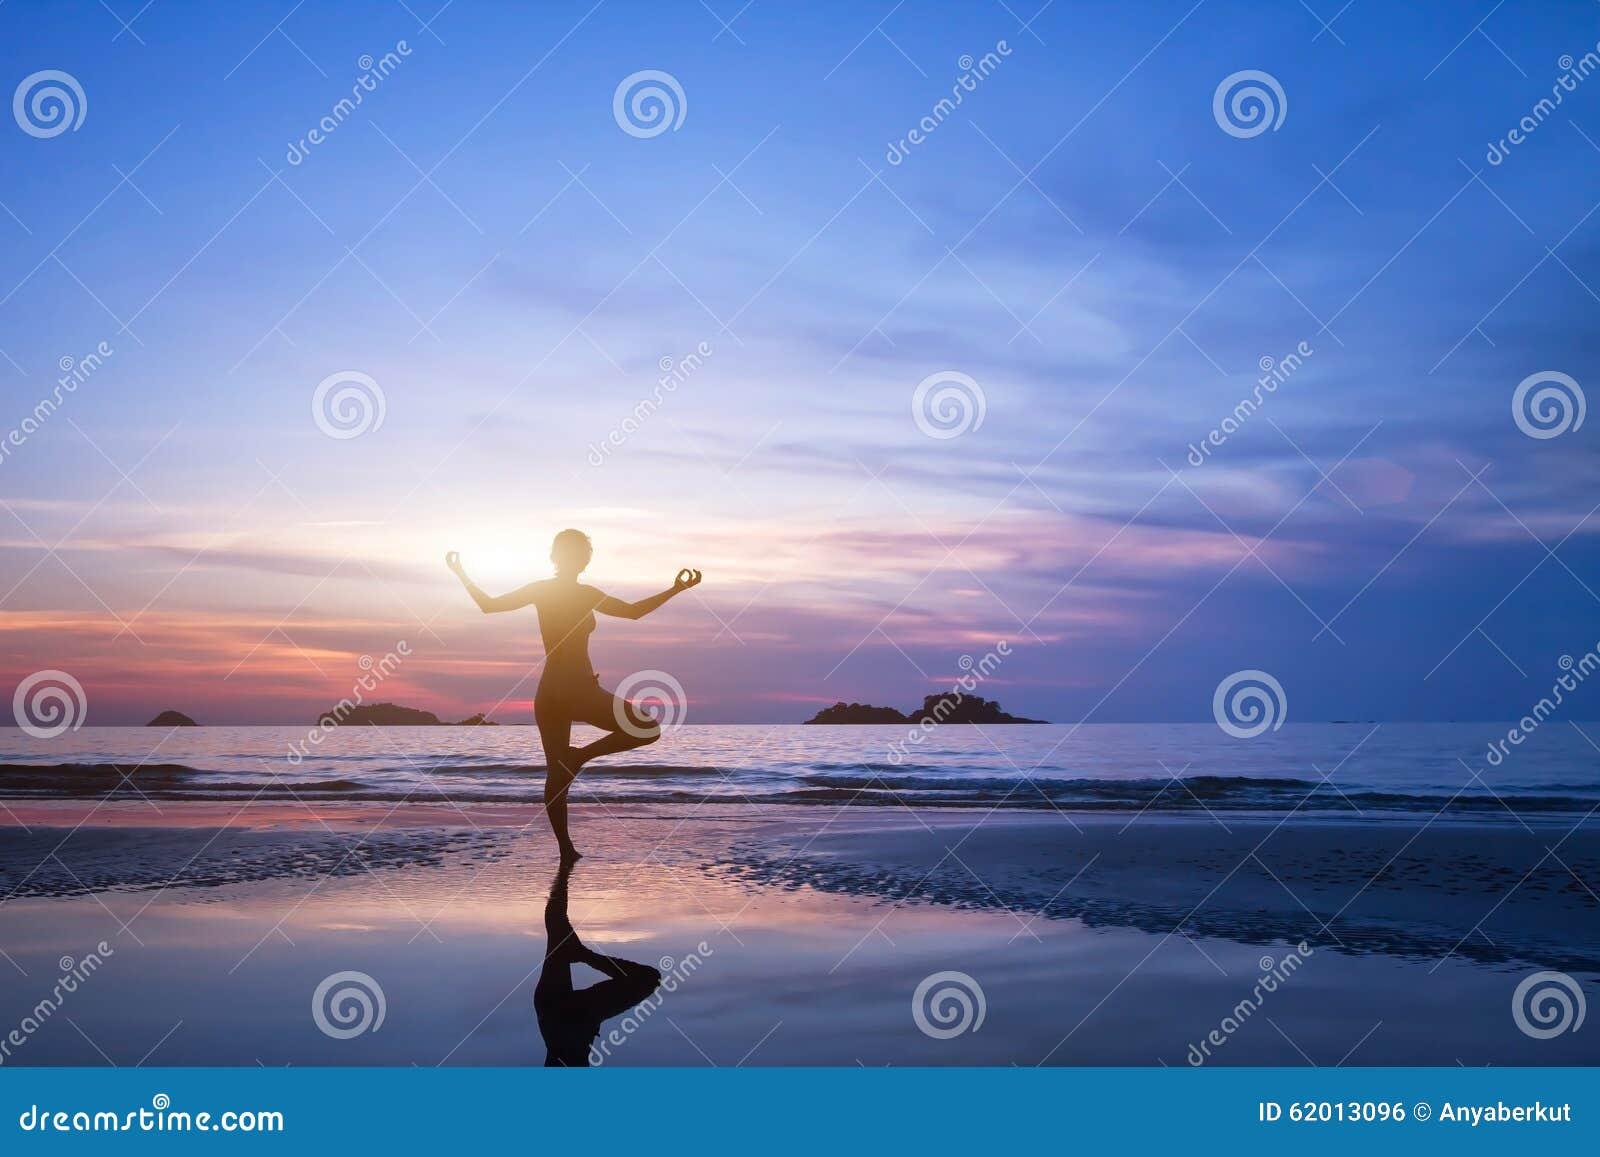 瑜伽,妇女剪影海滩的图片